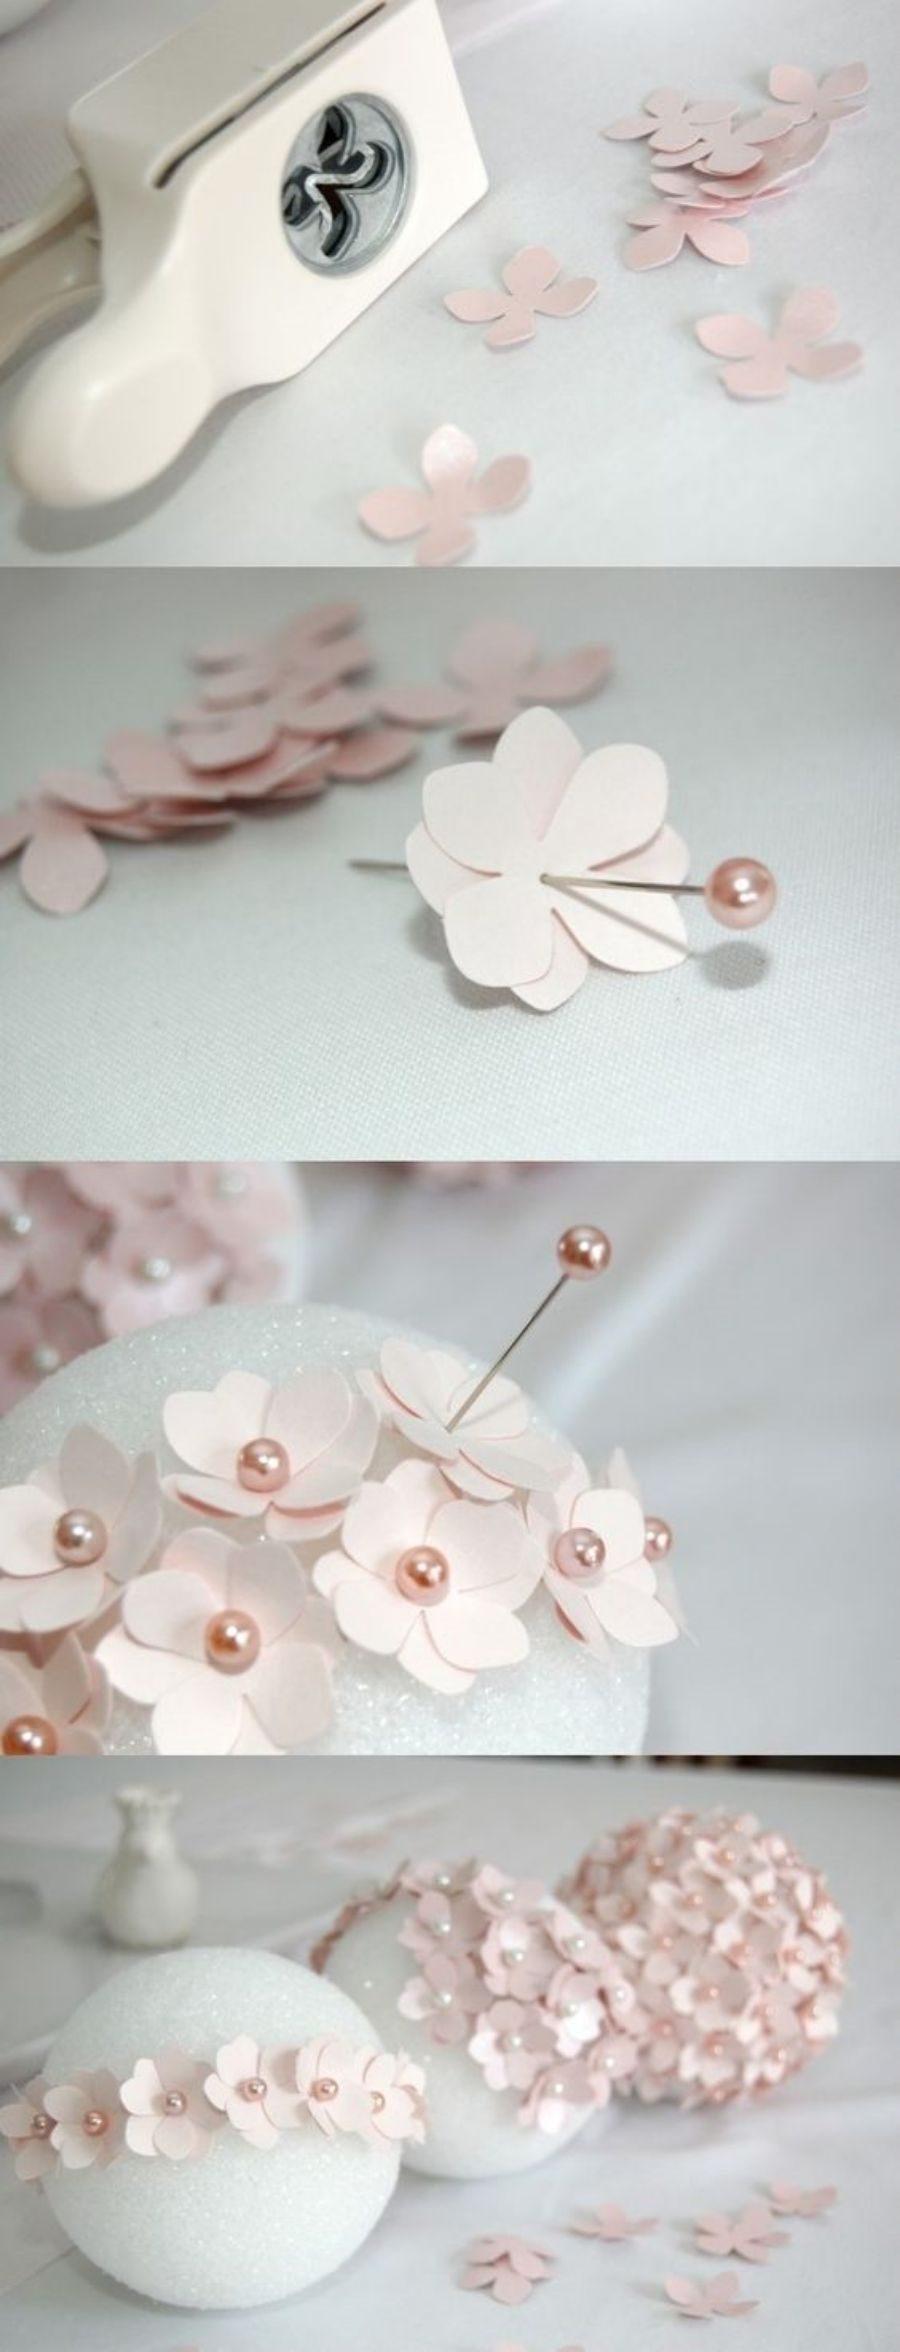 Passo-a-passo de enfeites com flores de papel